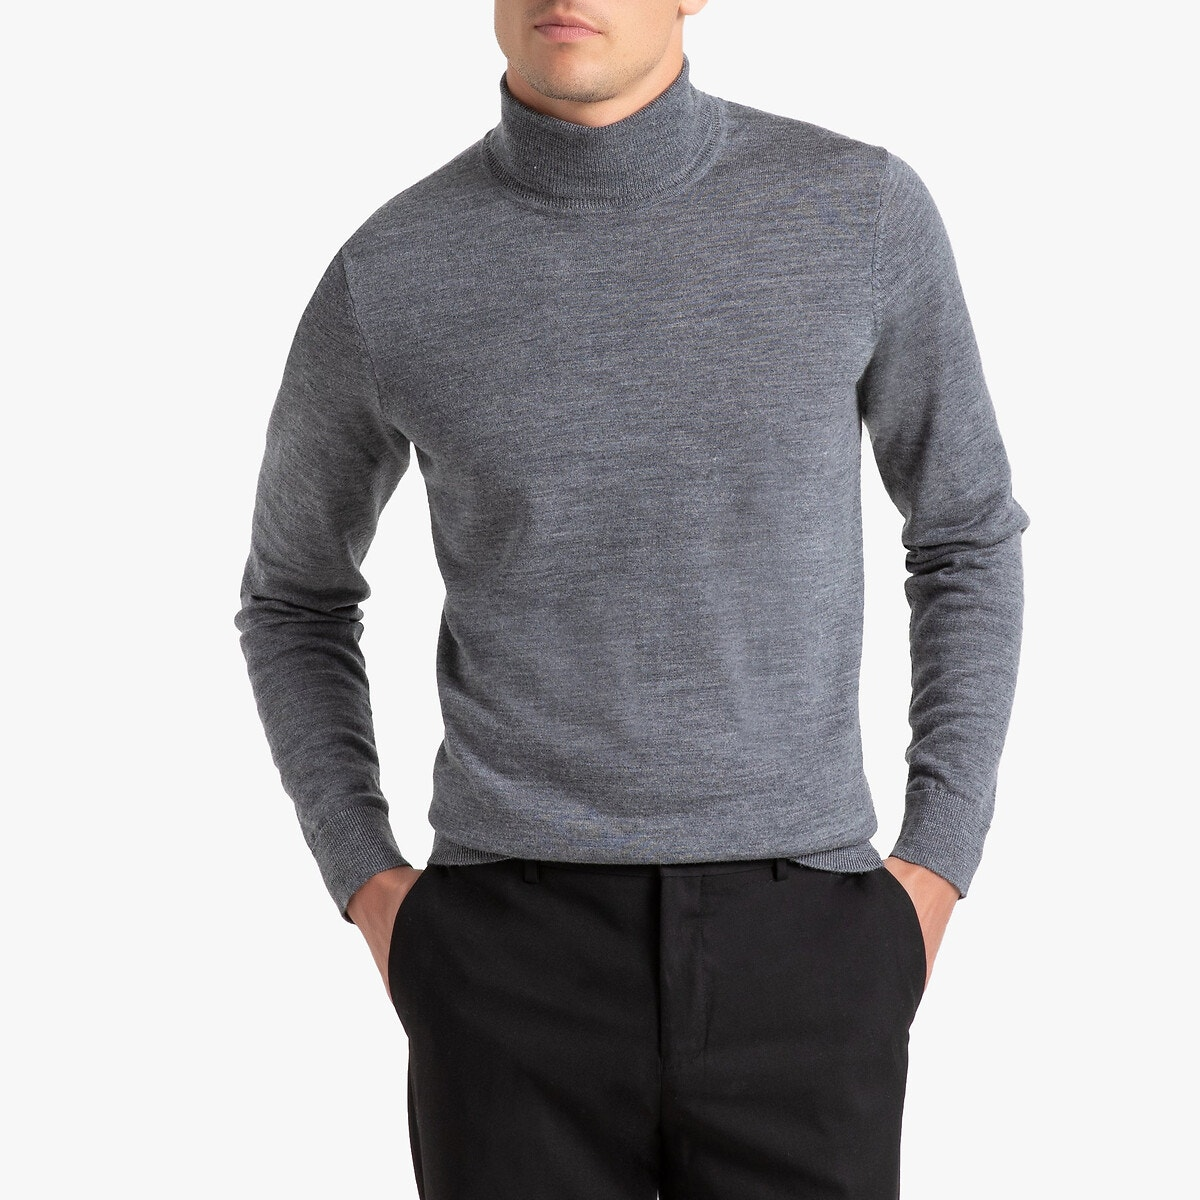 Πουλόβερ με μακριά μανίκια. Ευθεία γραμμή με γυριστό λαιμό. Λωρίδες στην μανσέτα και στο τελείωμα του πουλόβερ. Λεπτή πλέξη.Σύνθεση %26 ΛεπτομέρειεςΎφασμα: 100% merino woolΜήκος: 68 εκ.Μάρκα: R essentiel